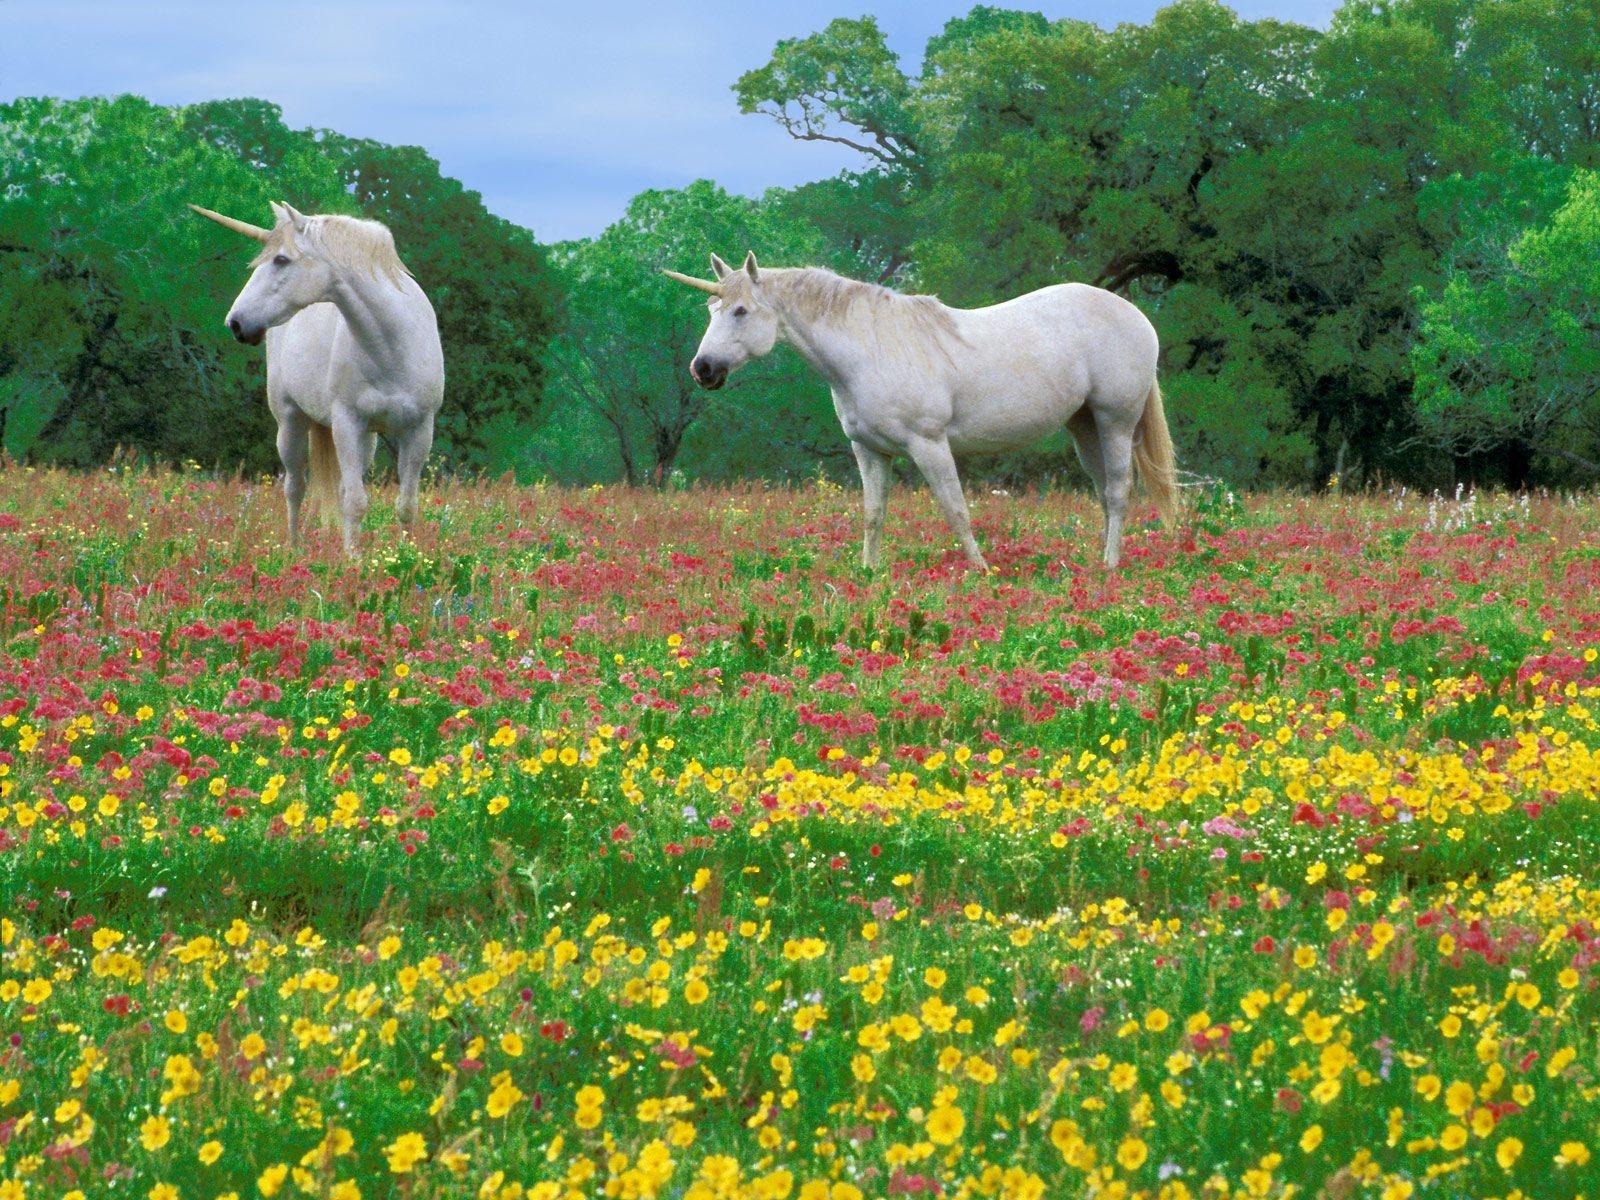 http://2.bp.blogspot.com/-7PBfLizhAA4/UW5RWMukUnI/AAAAAAAAfkM/8pKwIut3TDg/s1600/Caballos-Magicos-Wallpapers-HD.jpg